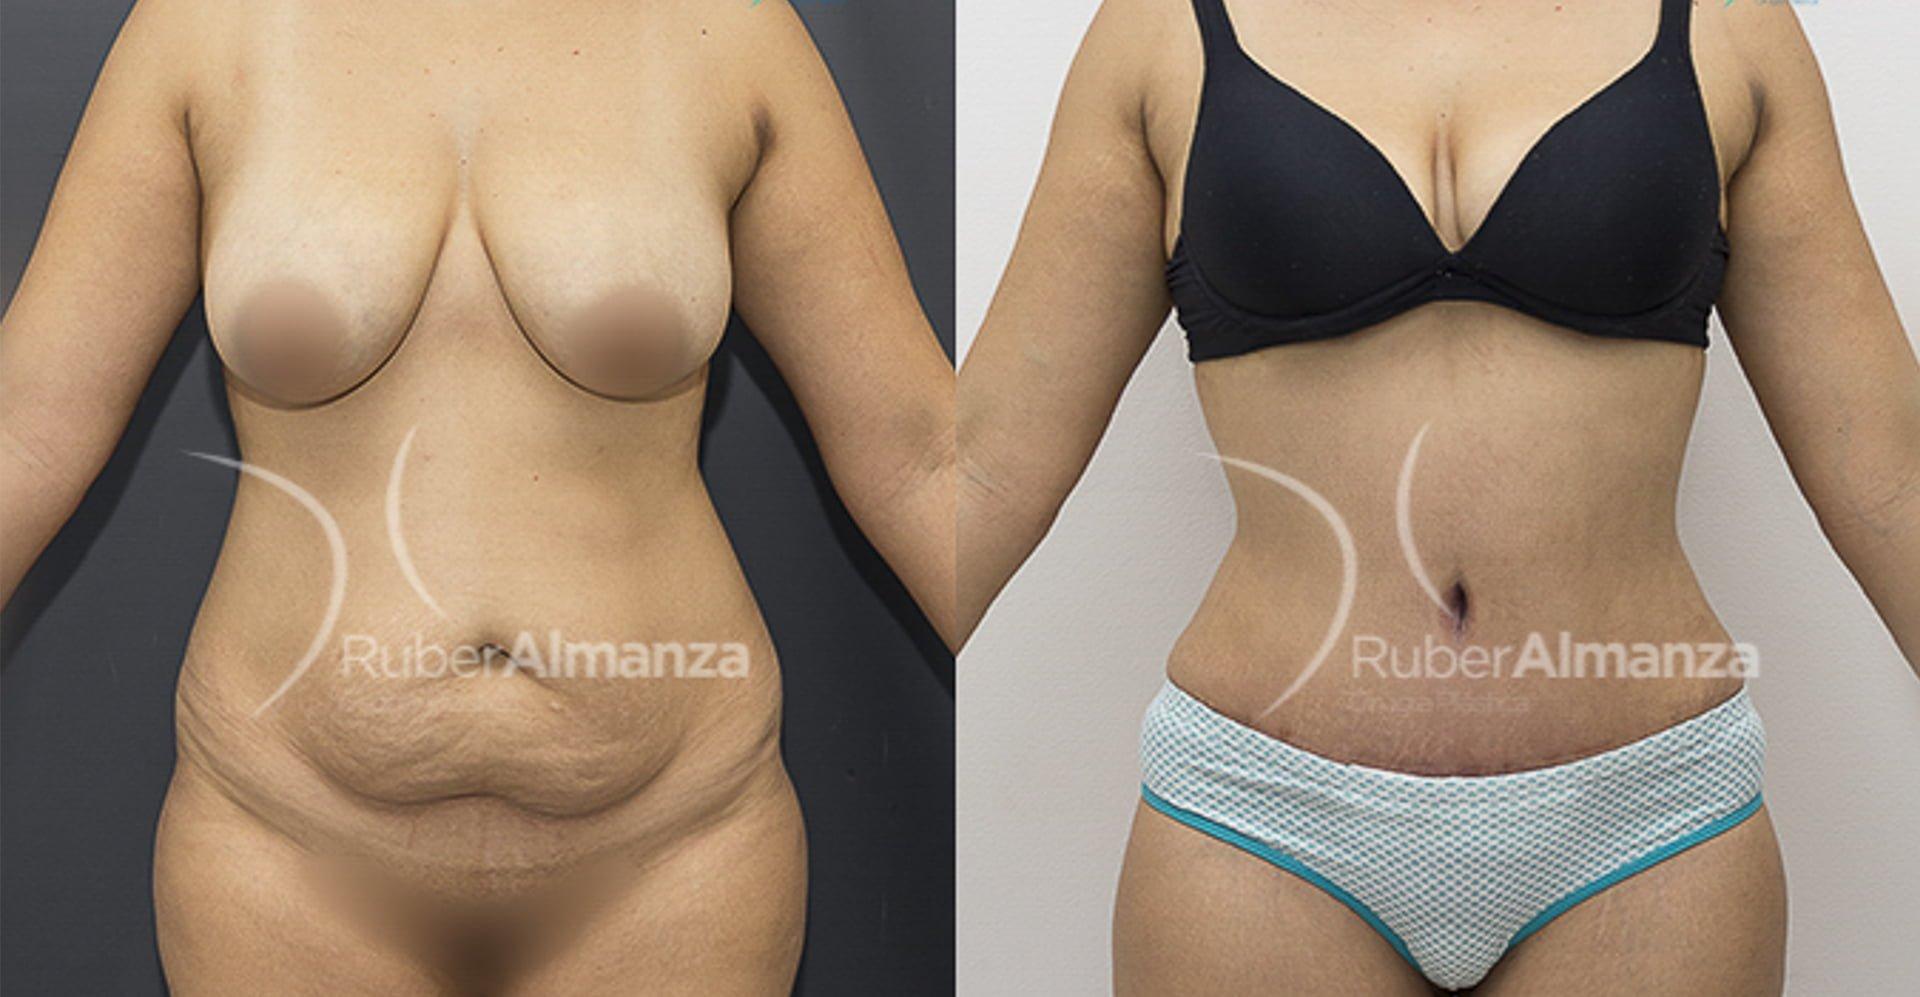 liposuccion-ruber-almanza-bogota-colombia-cirugia-plastica